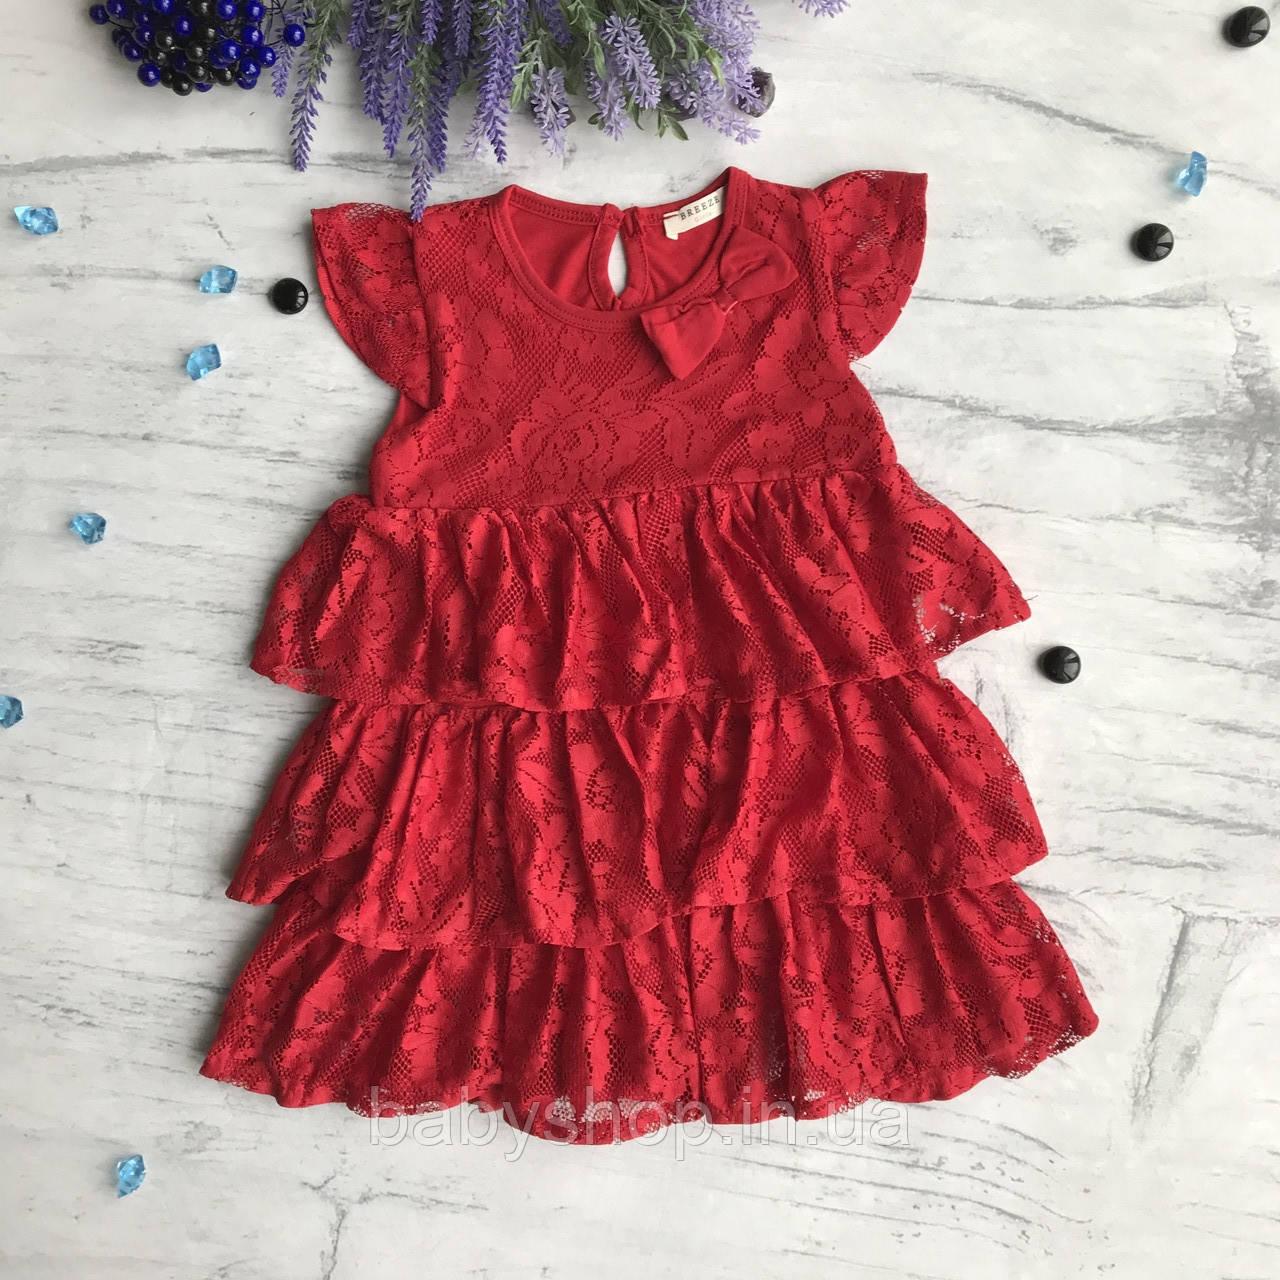 Летнее платье Breeze 132. Размеры 92 см, 98 см, 104 см, 110 см, 116 см